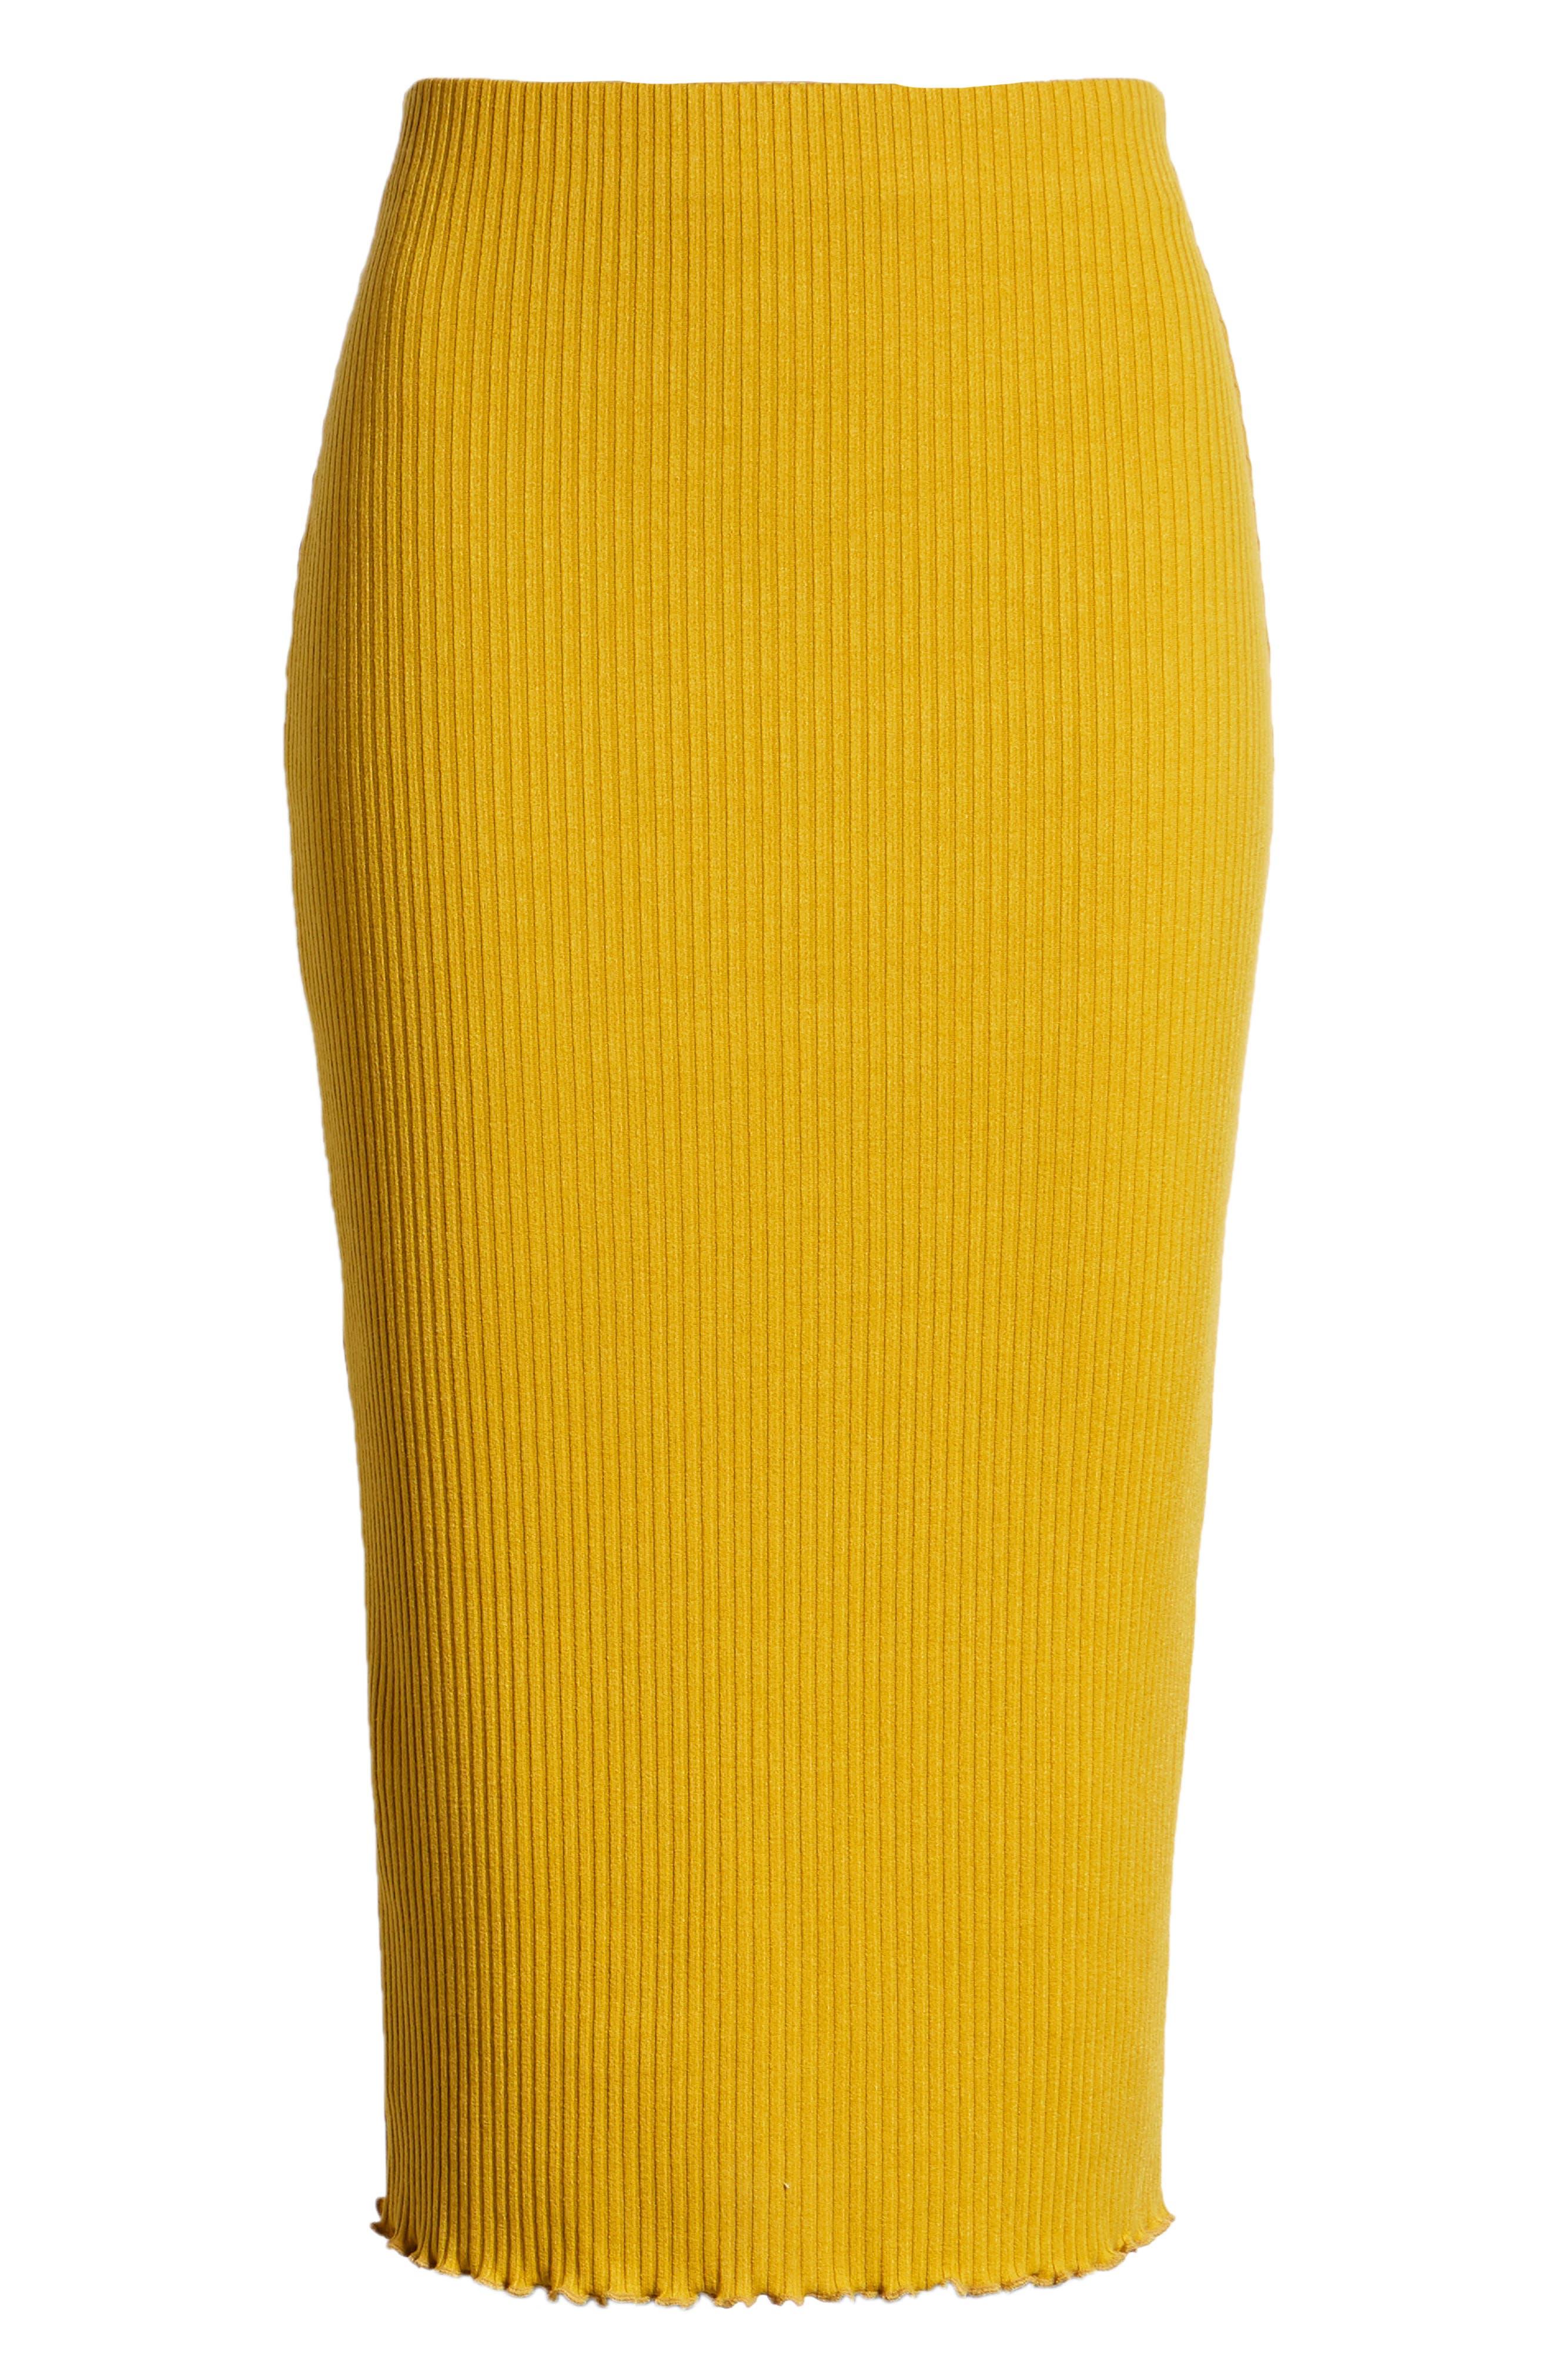 Rib Knit Pencil Skirt,                             Alternate thumbnail 6, color,